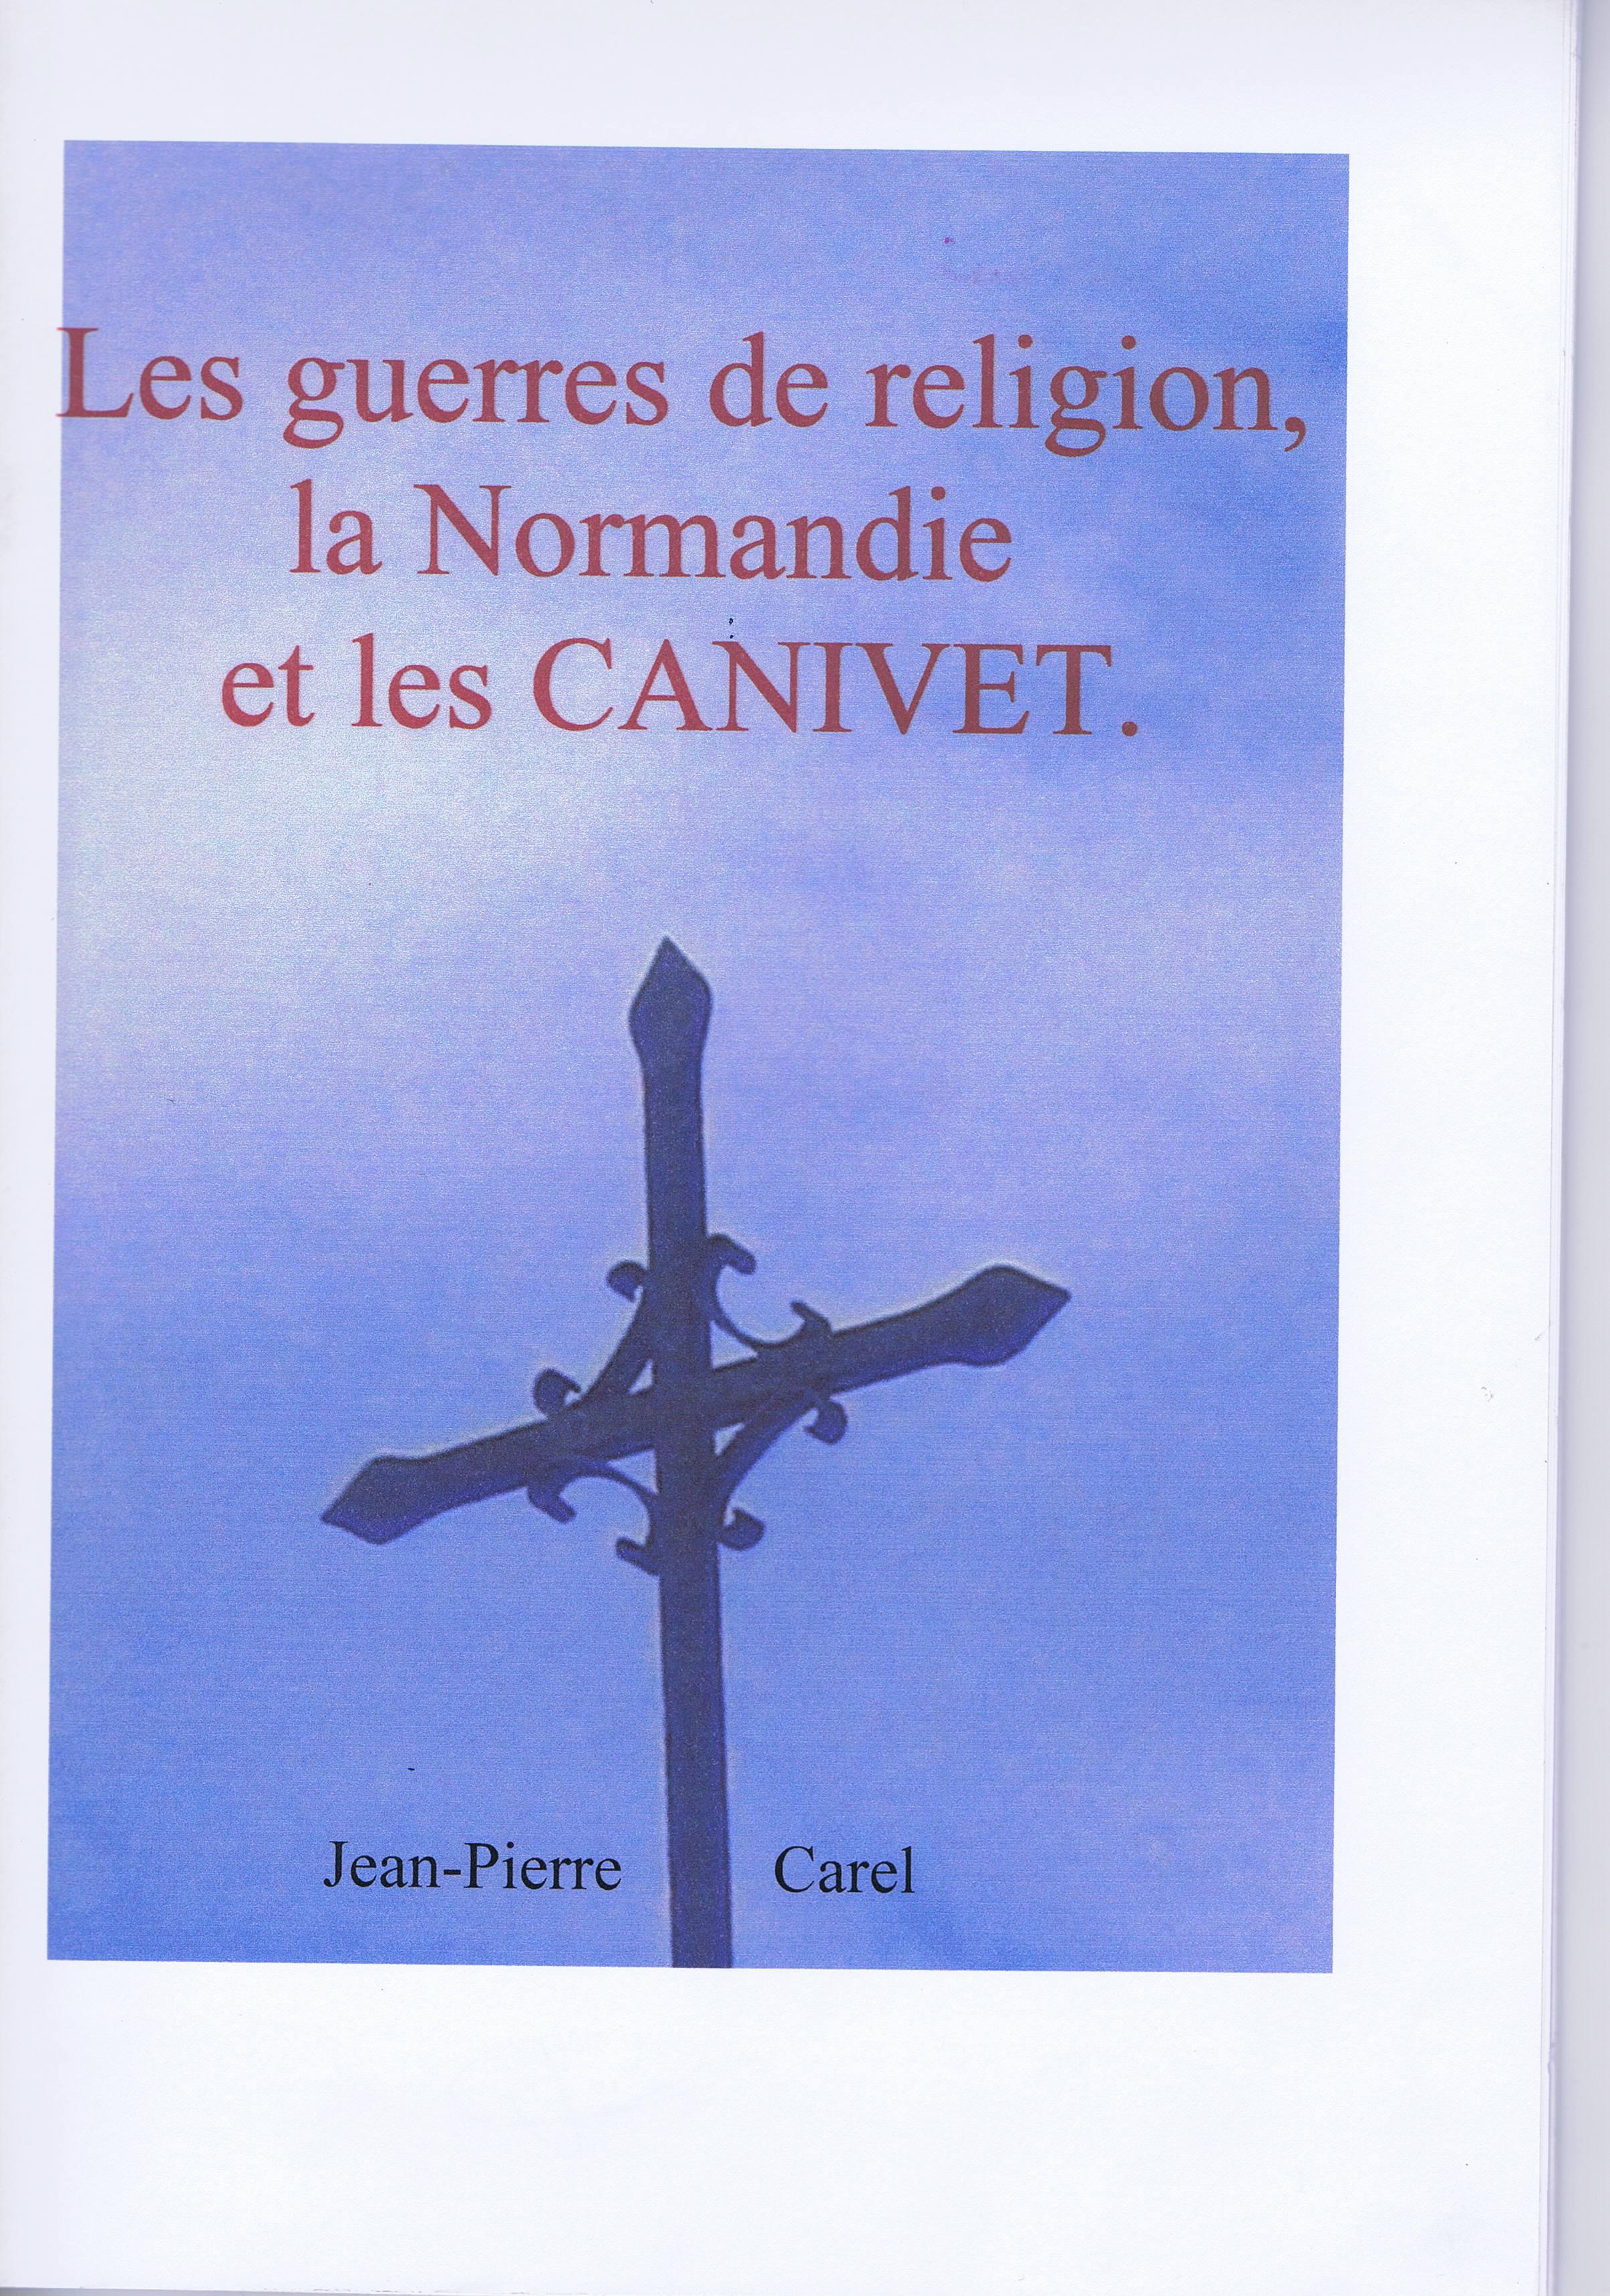 guerres-de-religion_carel_2008